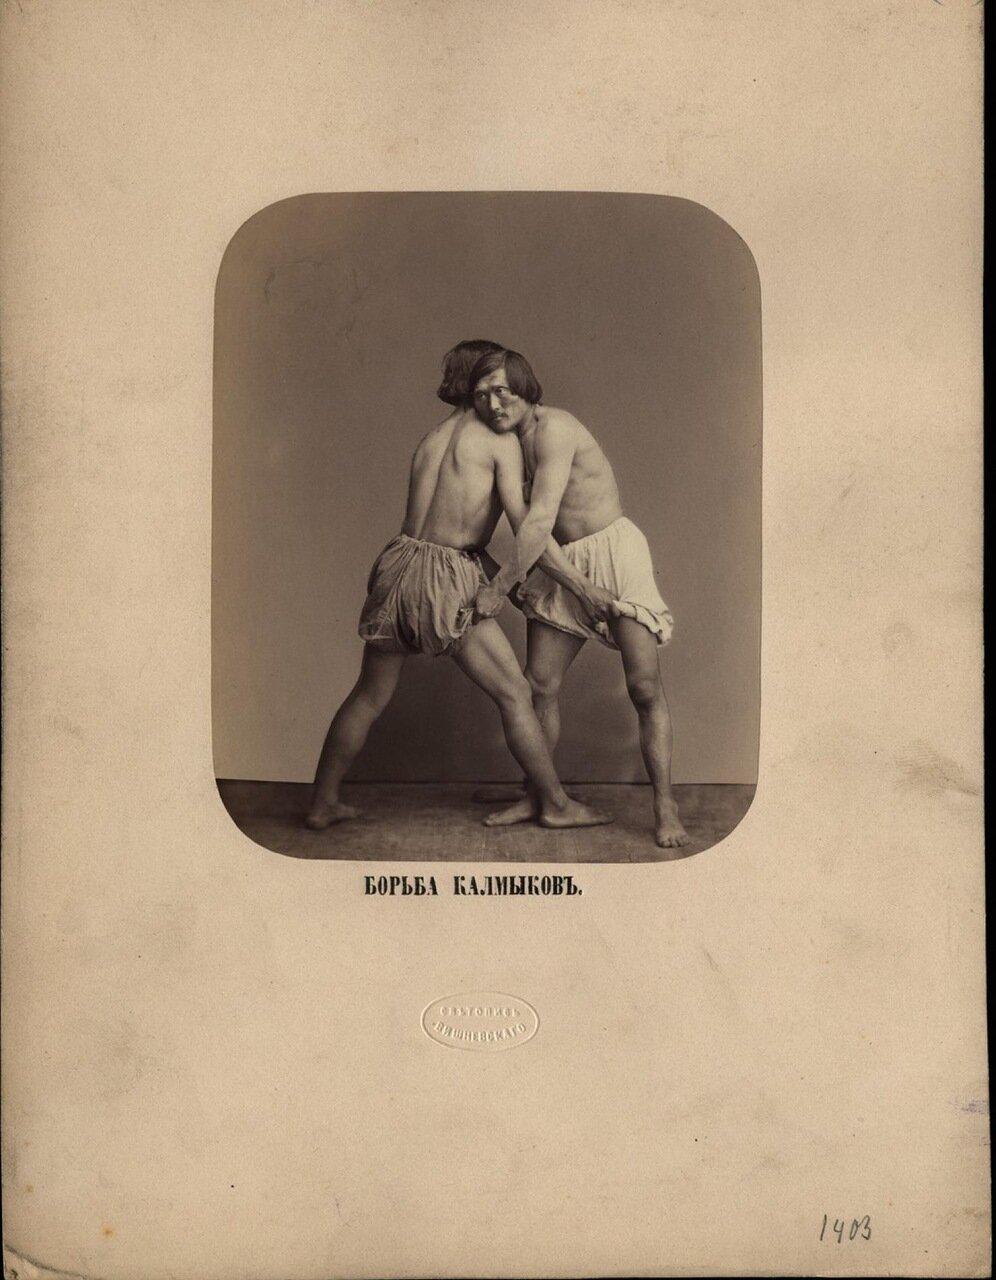 Борьба калмыков . Ателье «Светопись Вишневского».— Начало 1870-х